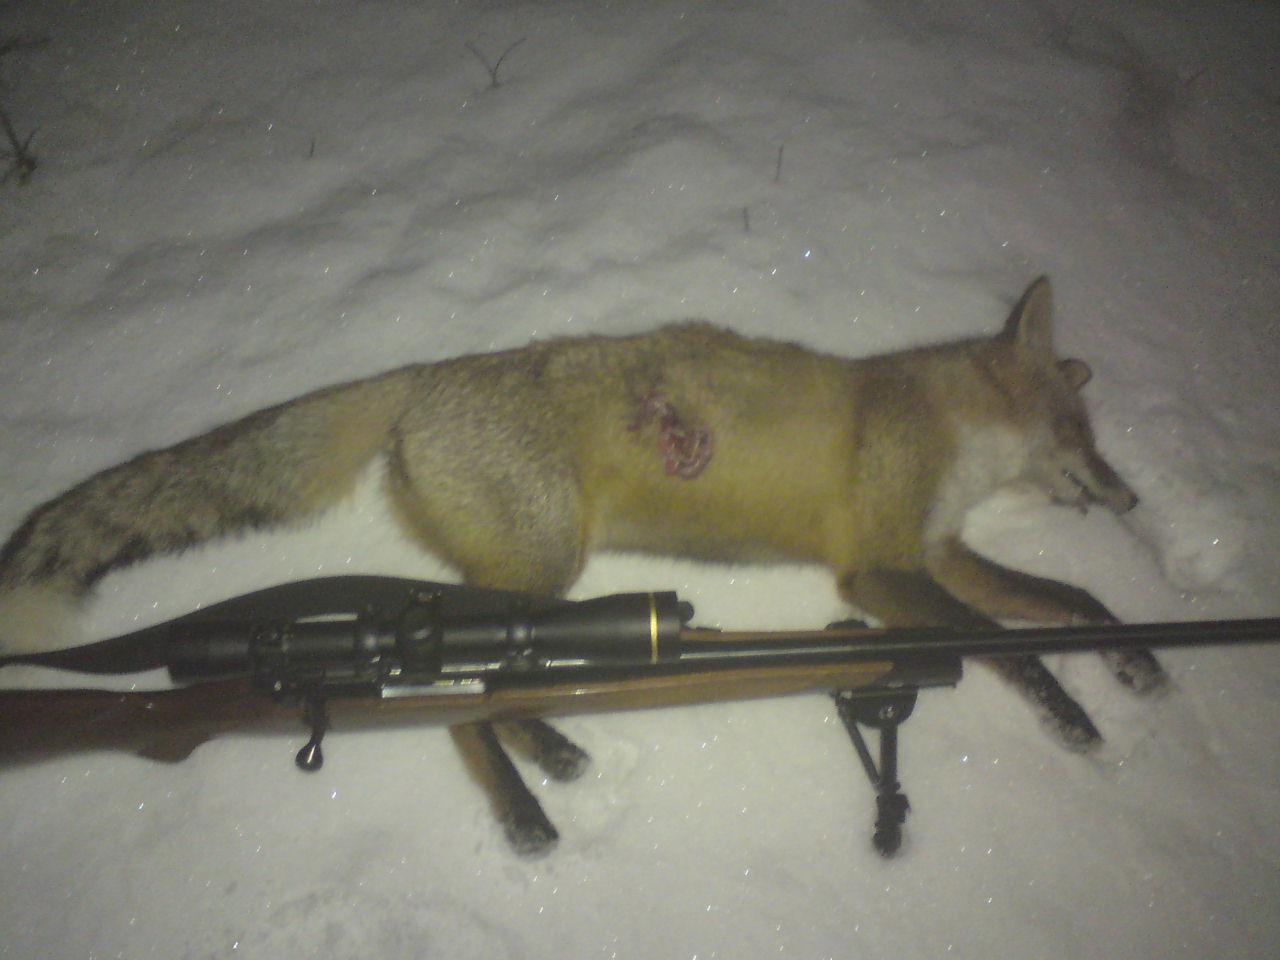 Манок на лису своими руками раненый заяц